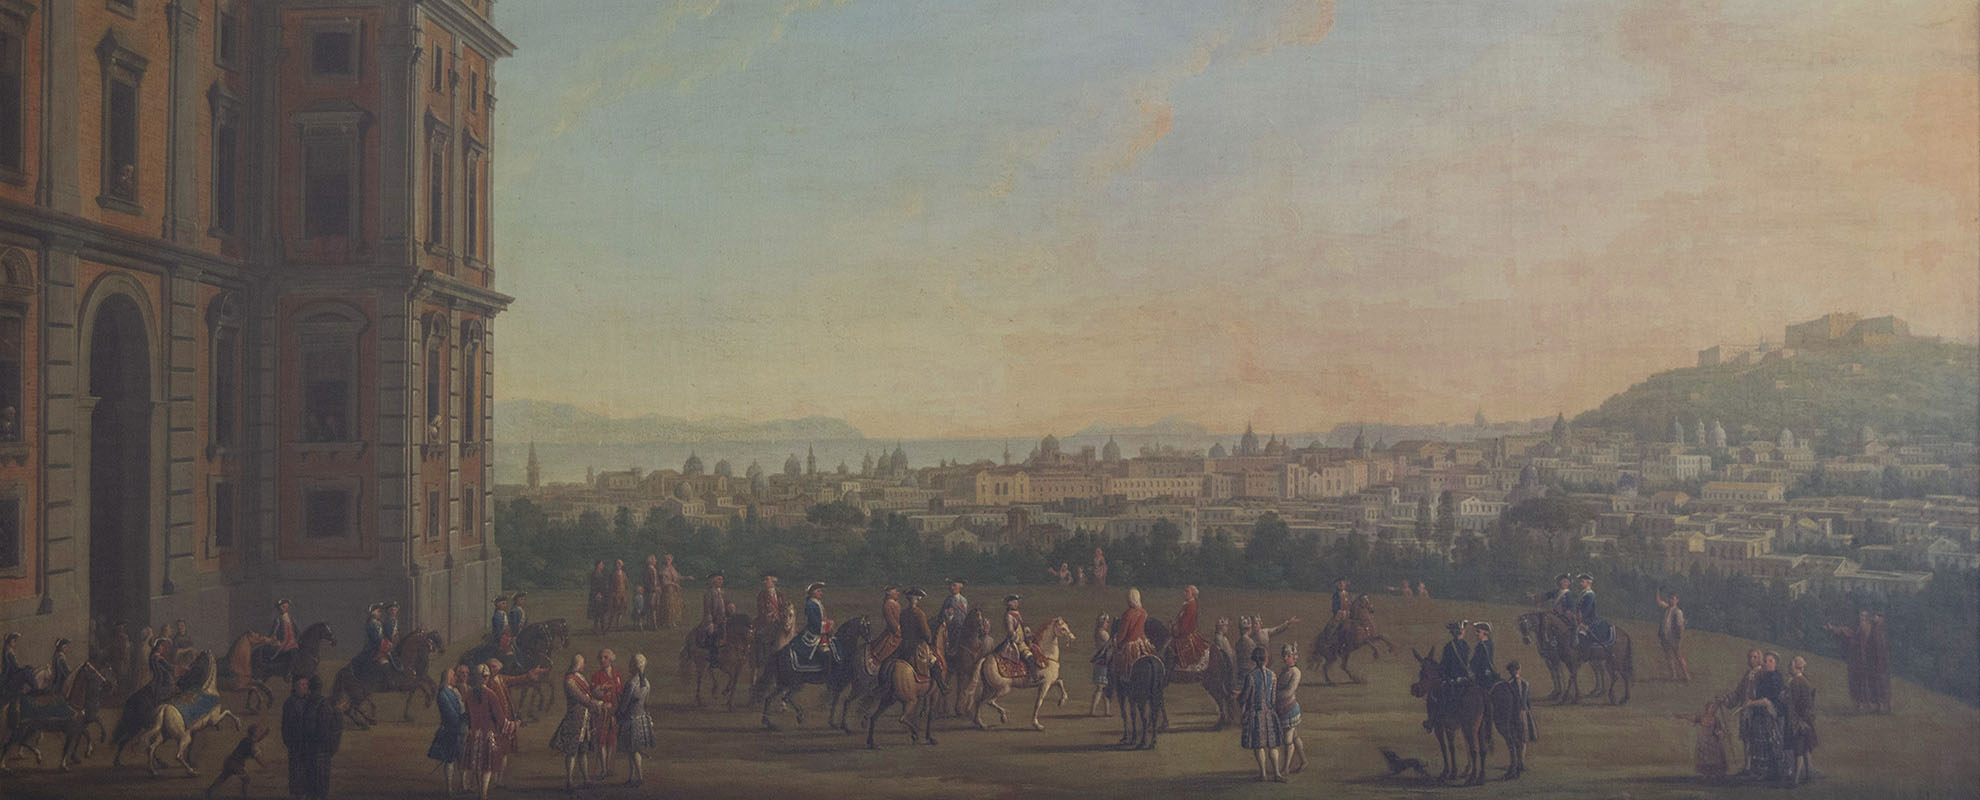 Antonio Joli, Ferdinando IV a cavallo con la corte, Foto di Alessio Cuccaro